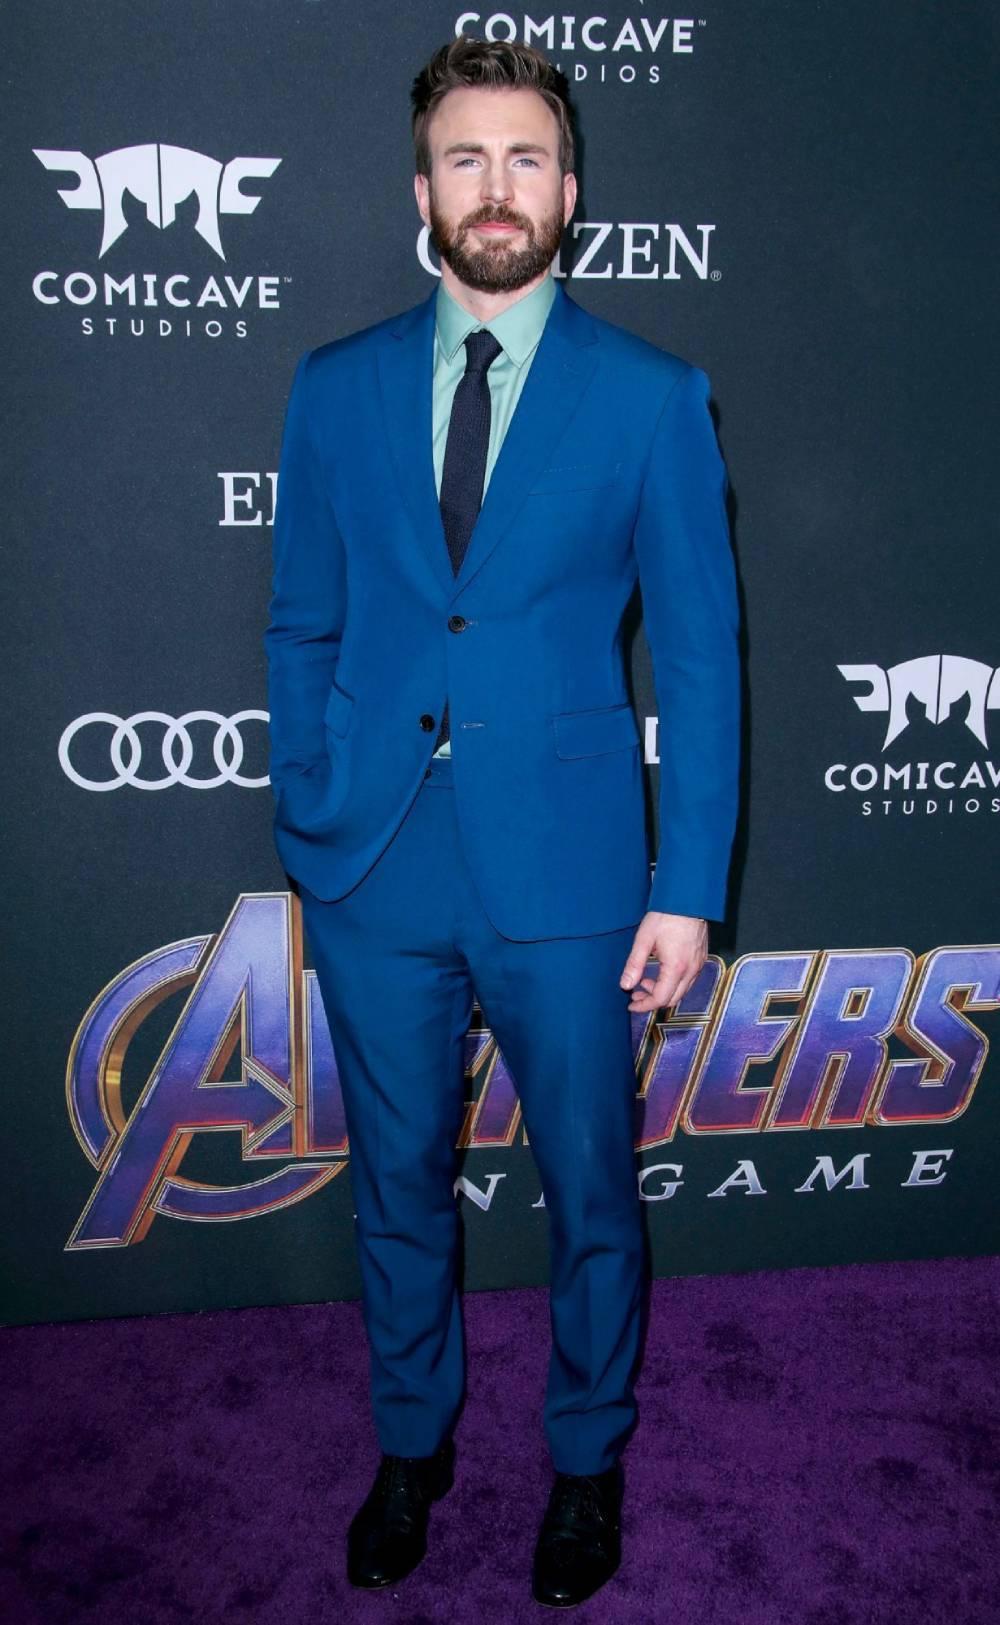 Tại buổi công chiếu Avengers Endgame World tháng 4/2019, Evans chọn thiết kế xanh hải quân của nhà mốt Salvatore Ferragamo, kết hợp giày da Christian Louboutin.